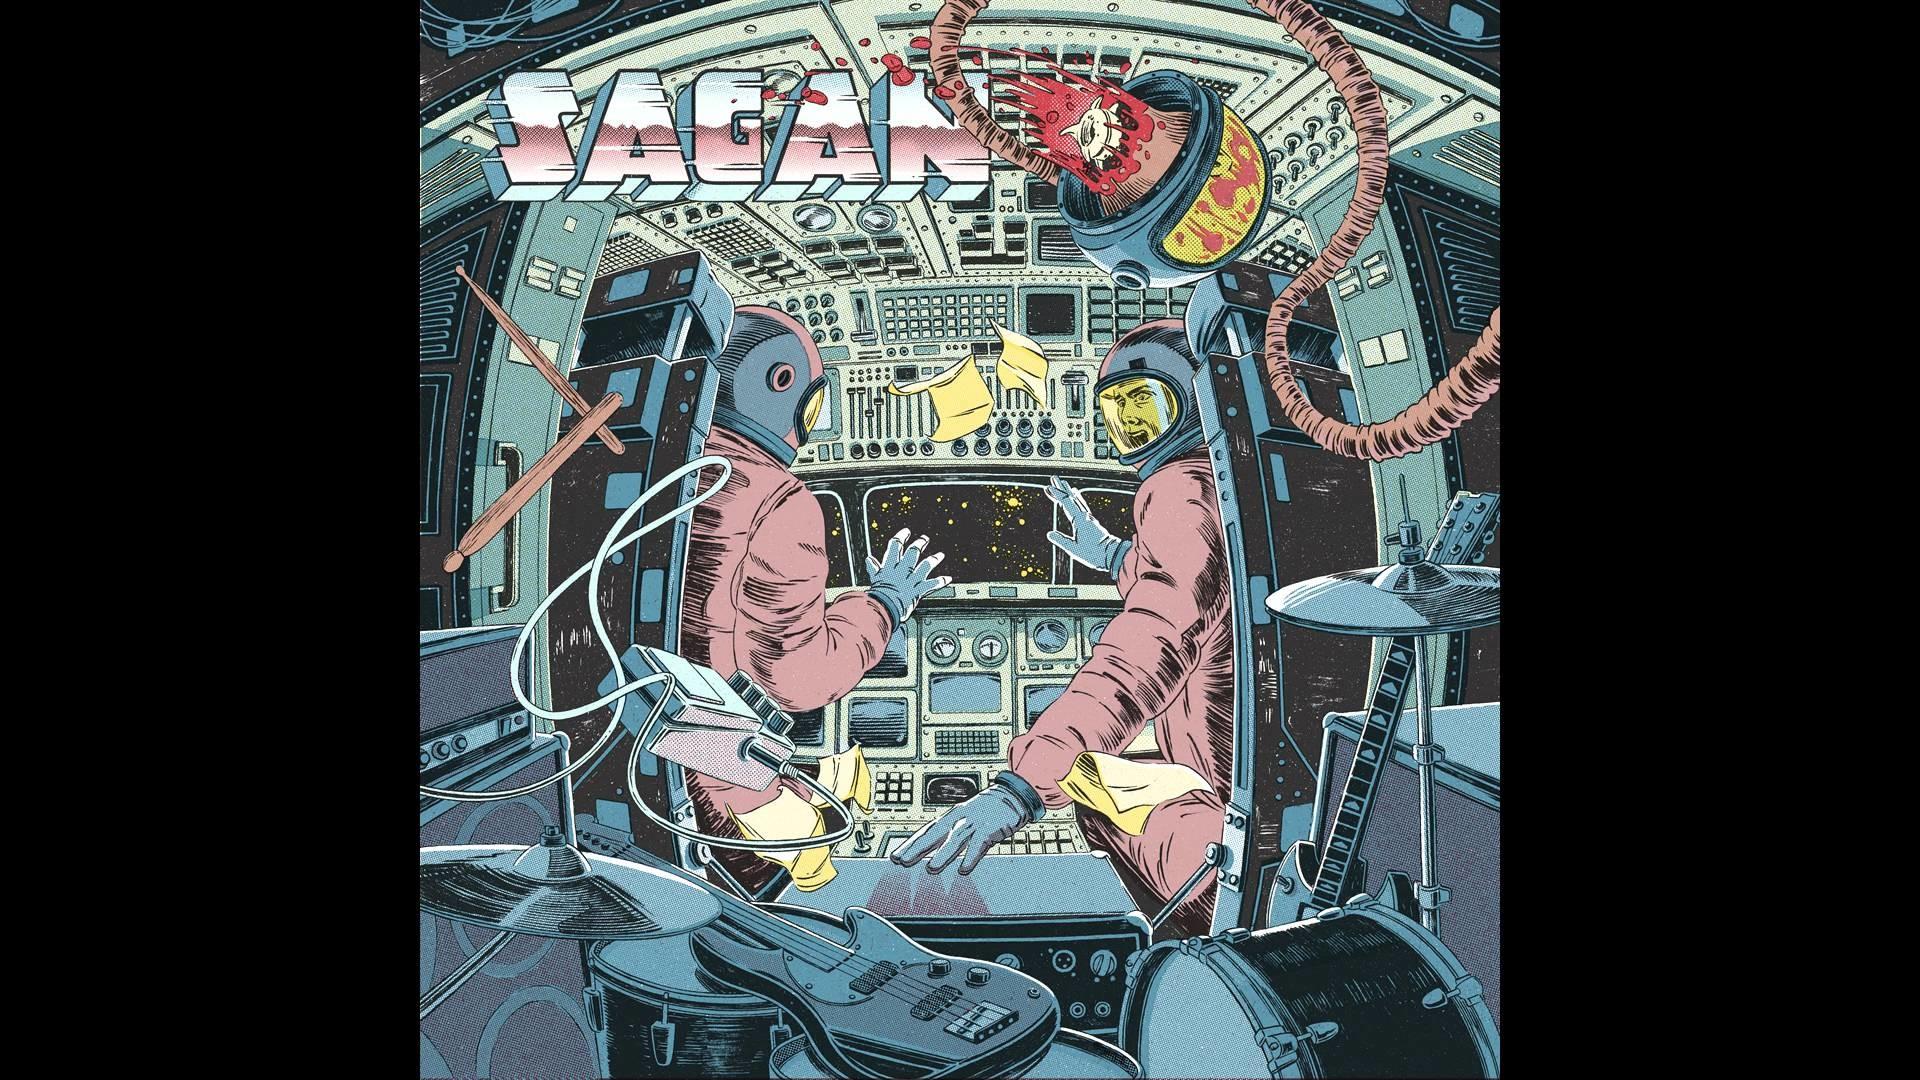 Sagan – 01 – Yuri Gagarin